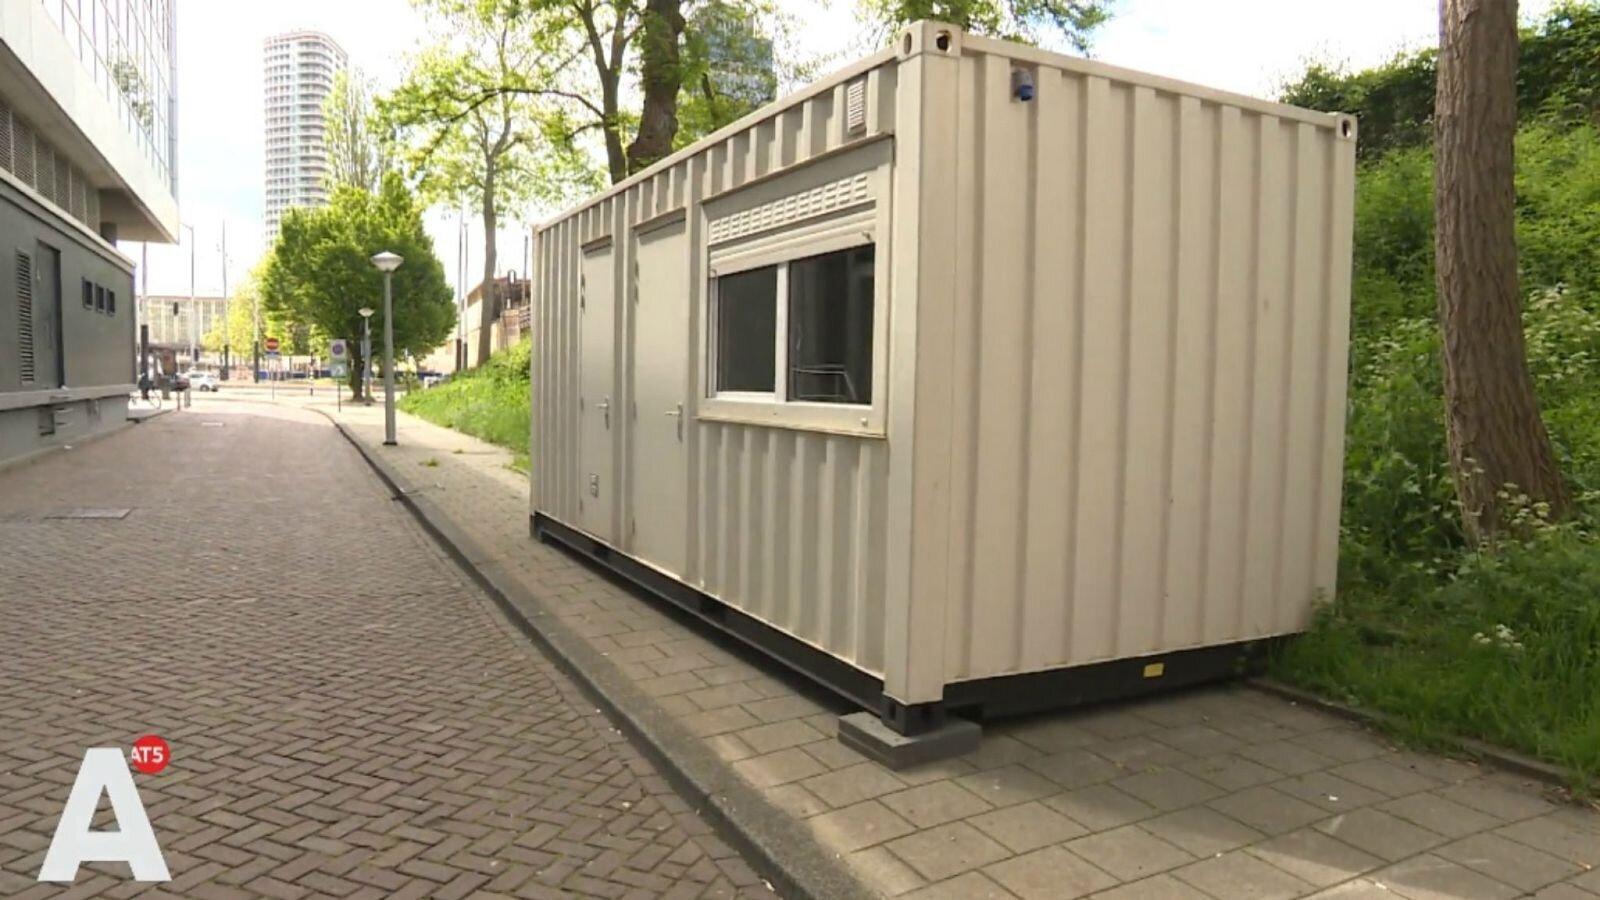 Αμστερνταμ: Εκλεισε δωμάτιο μέσω Airbnb και ήταν